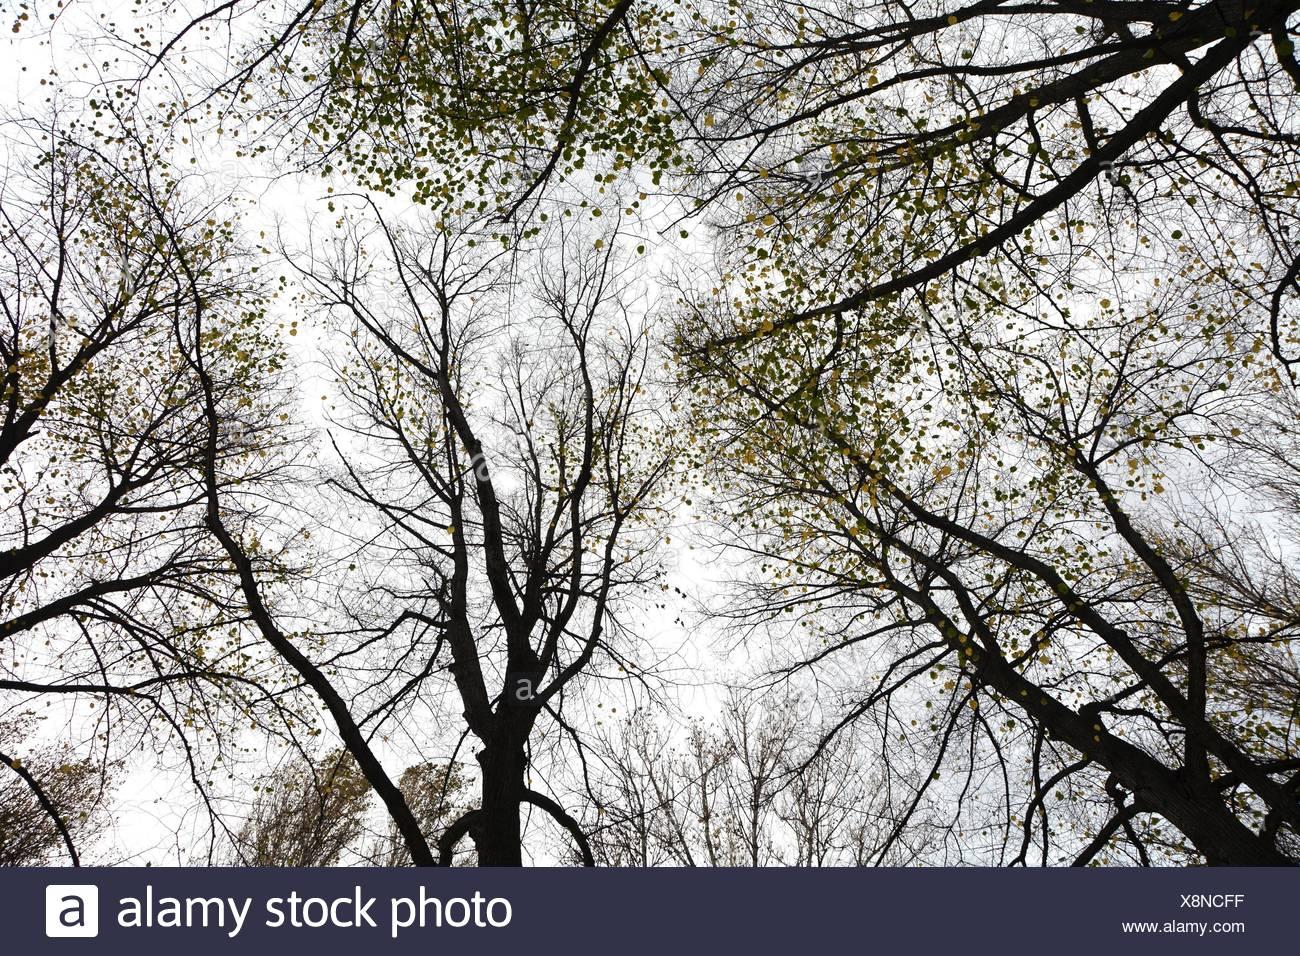 treetops in autumn Stock Photo